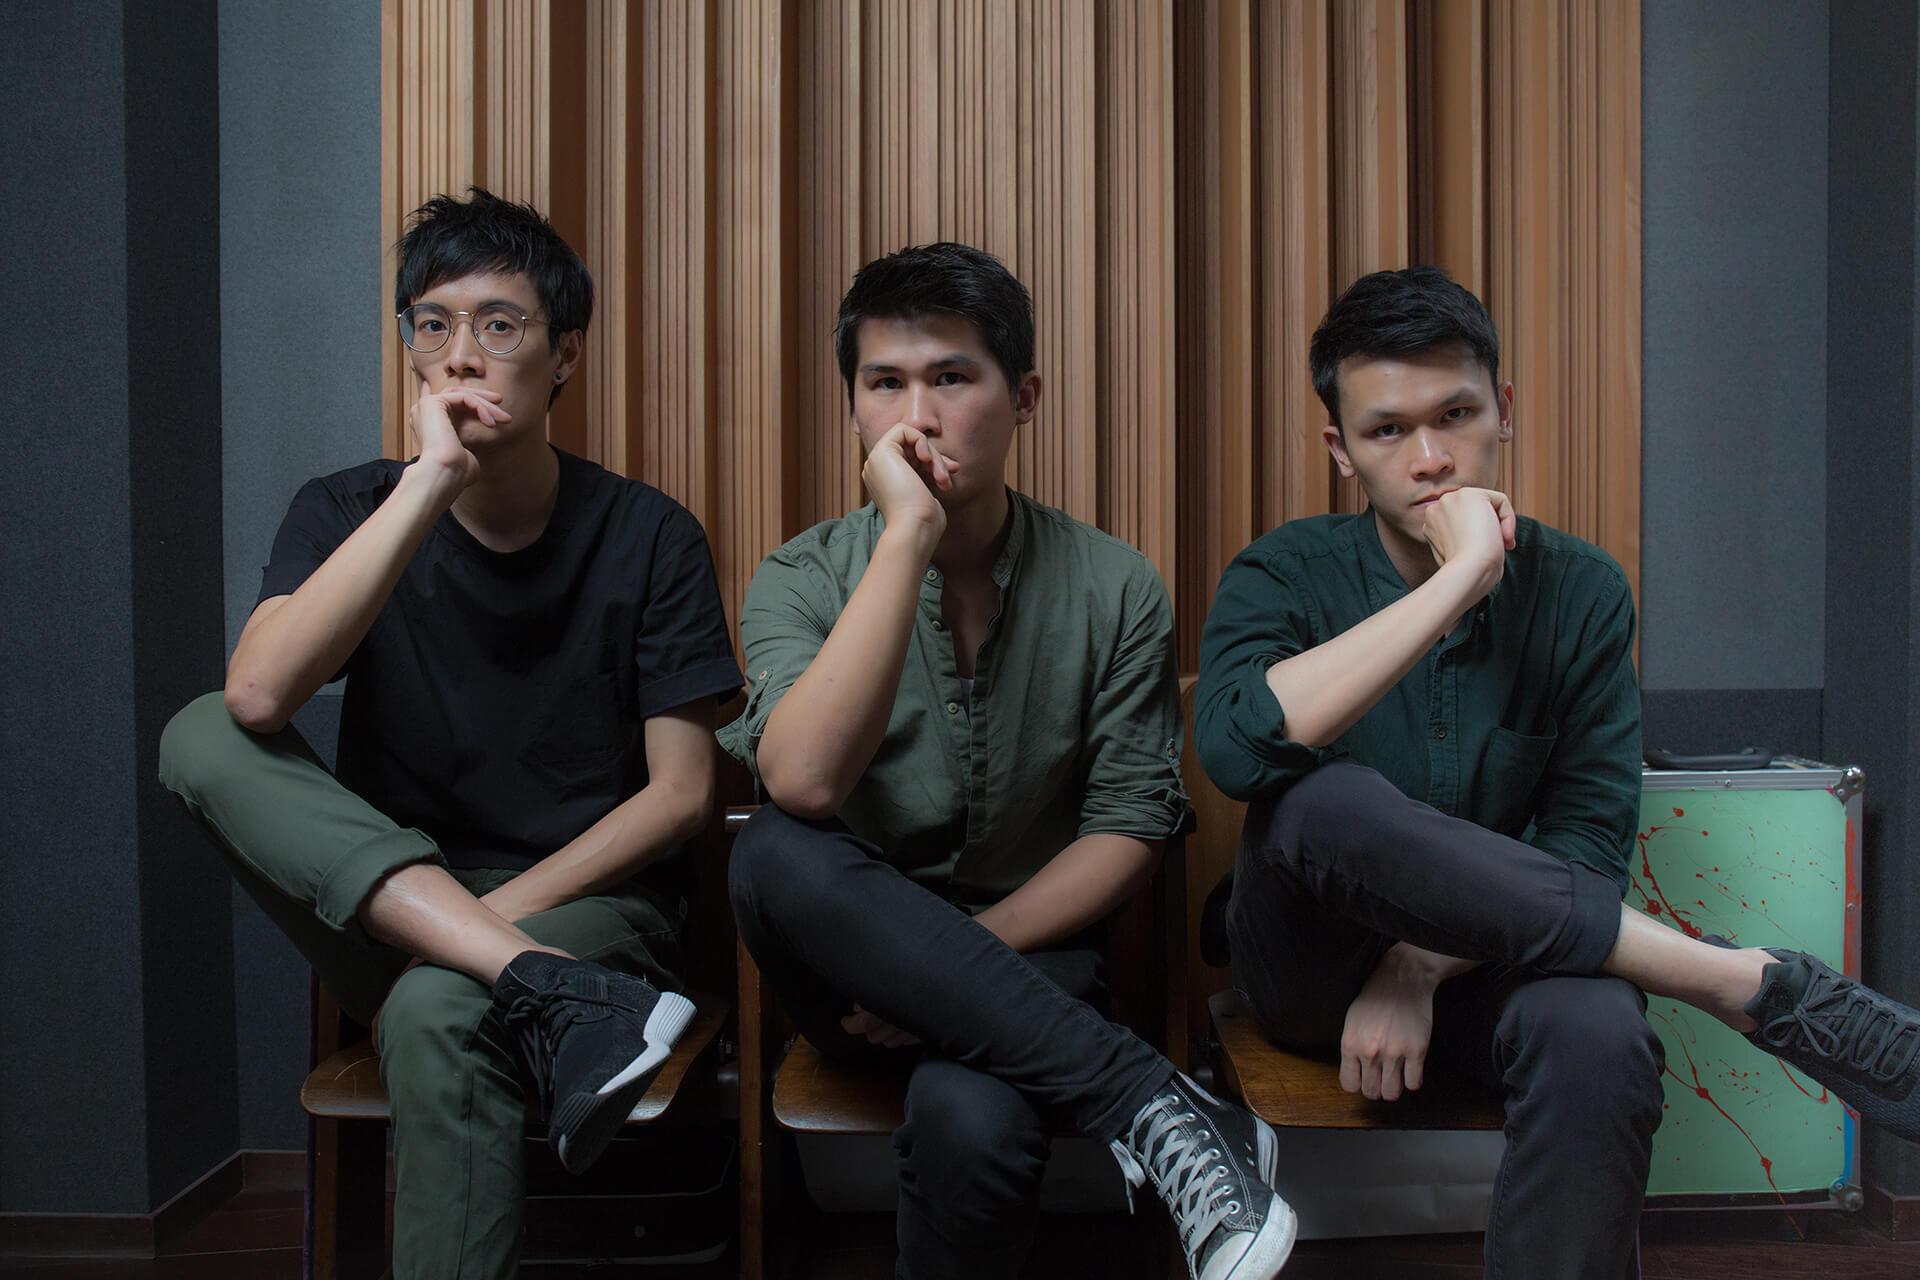 無稽子彈成立於2014年,成員包括(左起)低音結他手Jeffrey、主唱及結他手Eric及鼓手Dave。